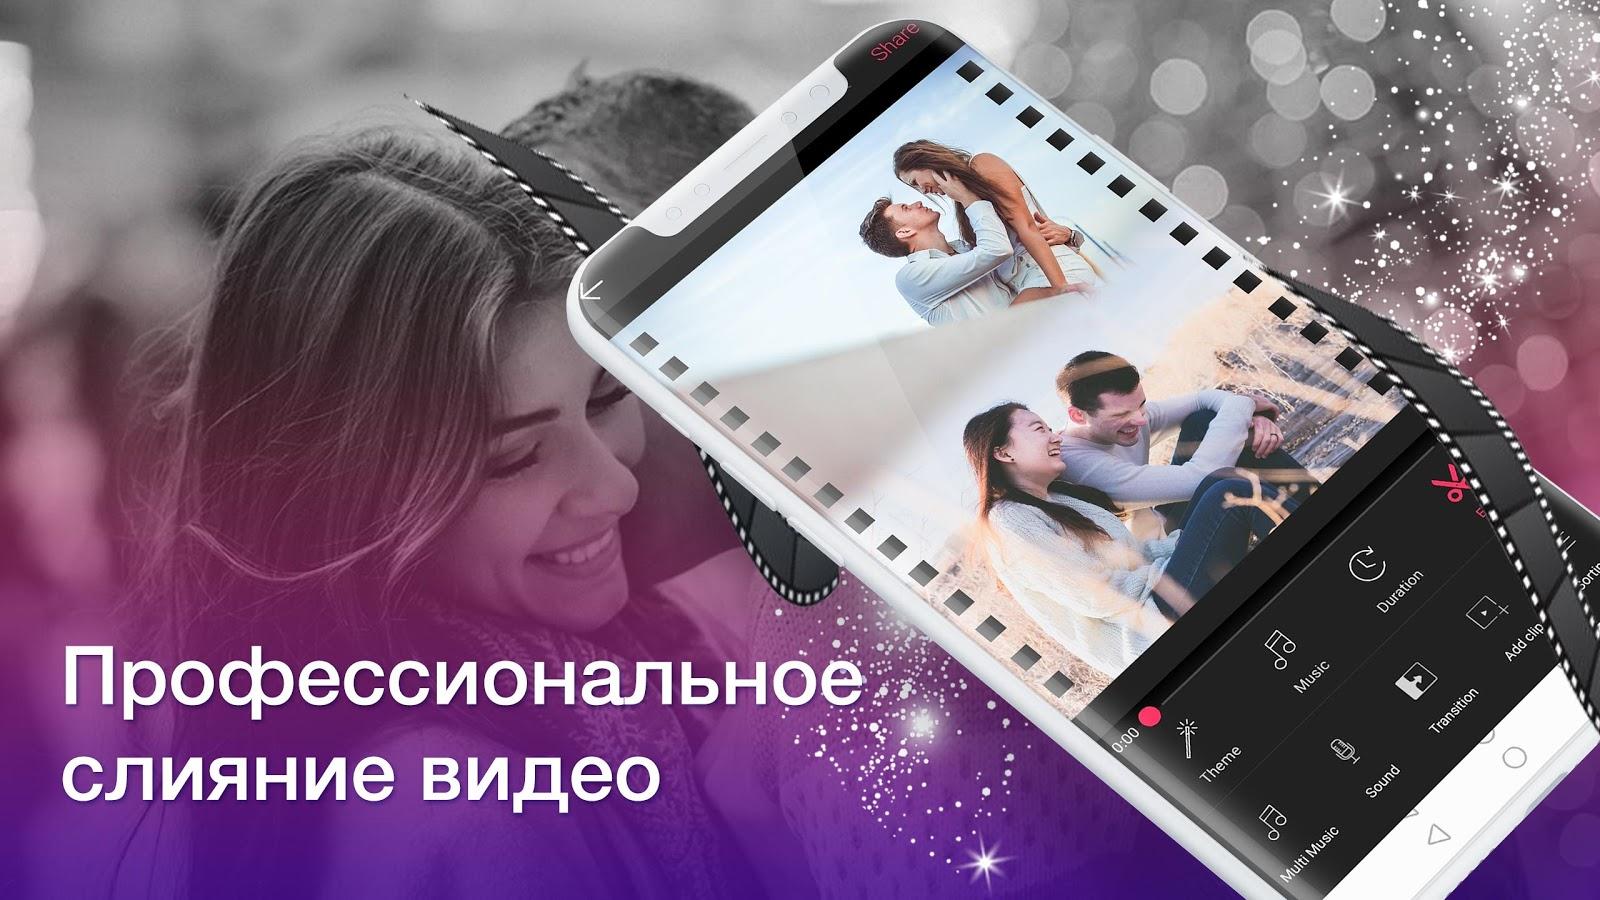 Видео из фото с надписями